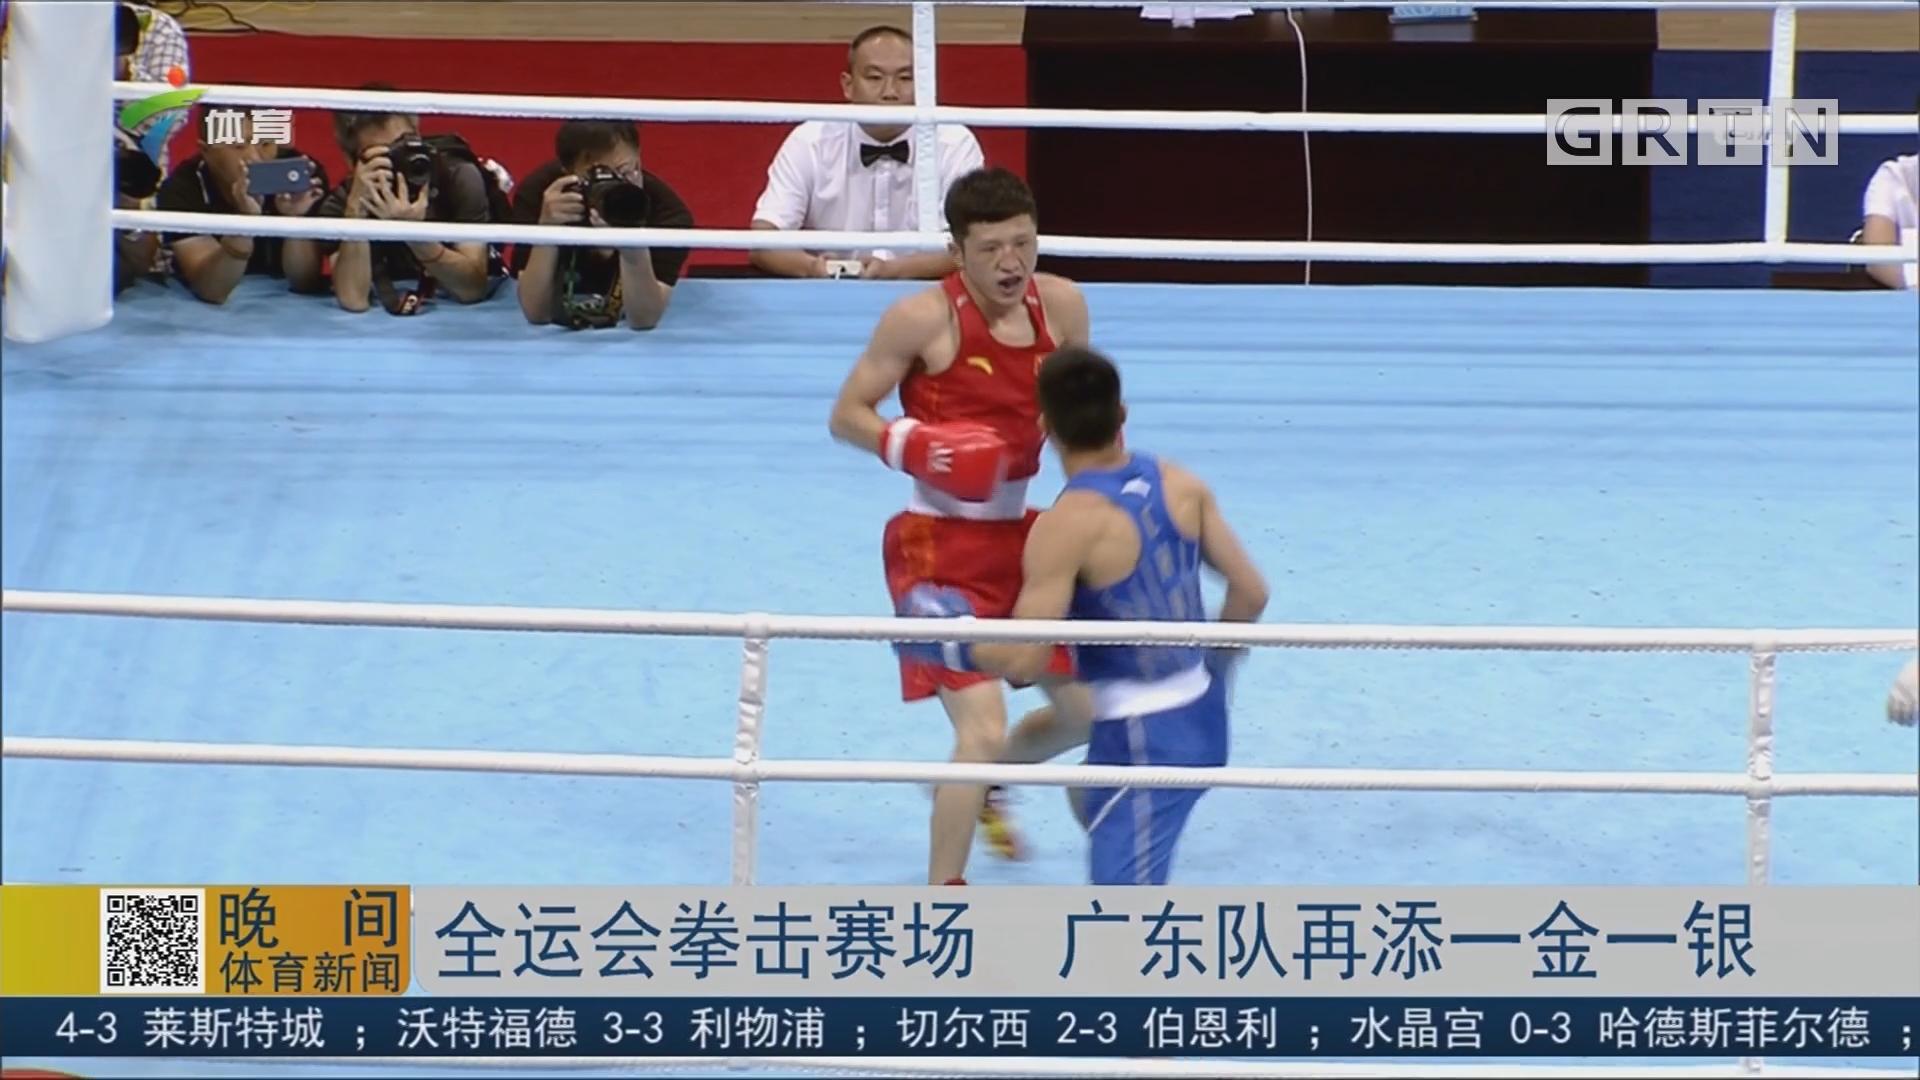 全运会拳击赛场 广东队再添一金一银